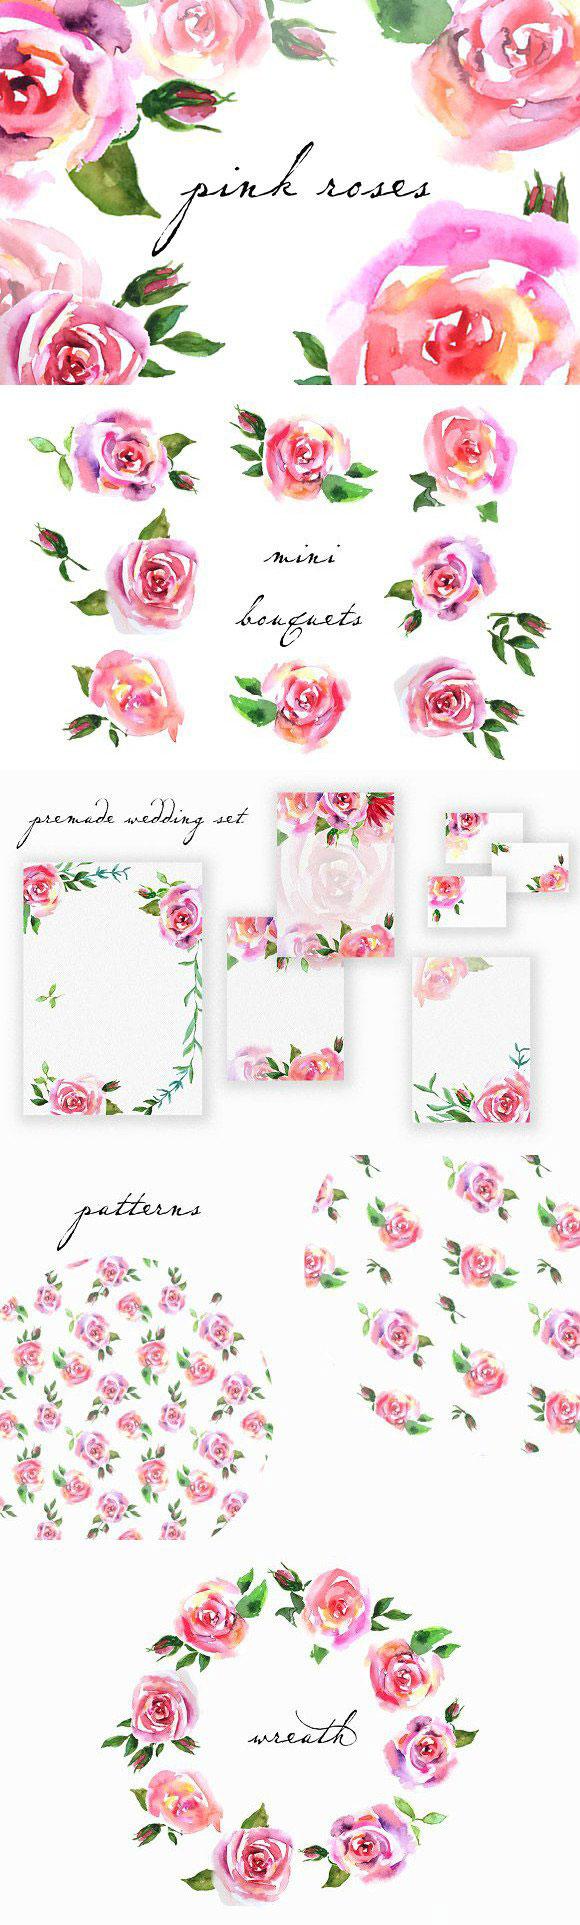 5 点 关键词: 漂亮手绘玫瑰花psd分层素材,粉红玫瑰花,手绘花卉,花环